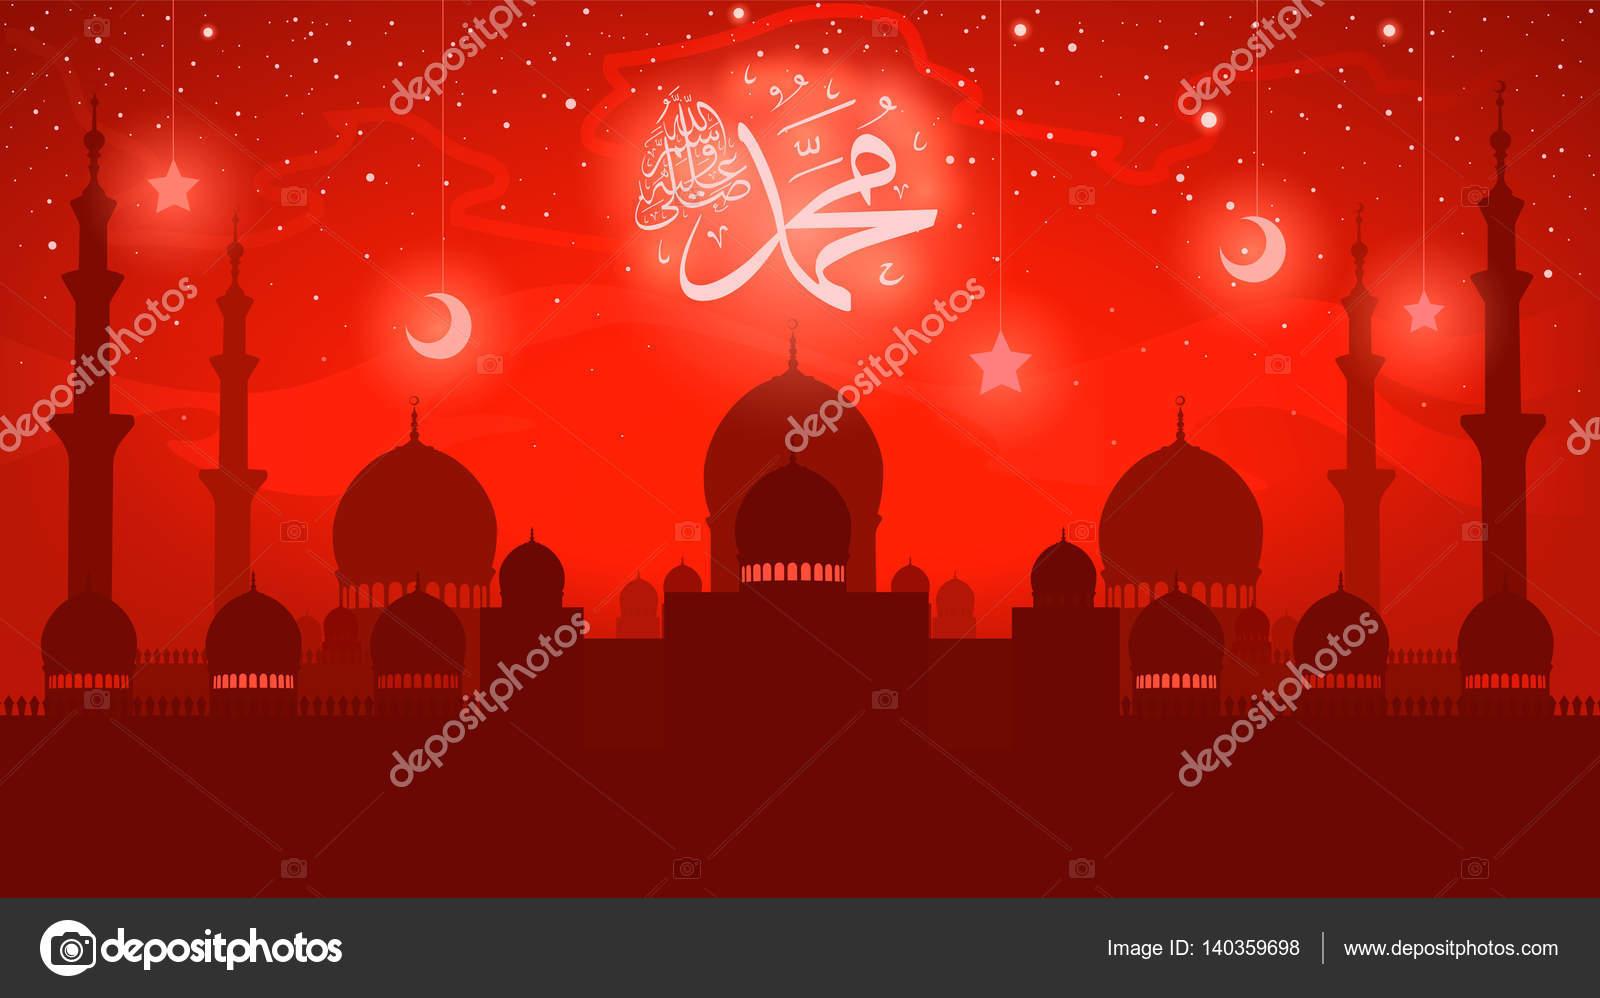 Islam Verjaardag Van De Profeet Mohammed Vrede Is Op Hem Mawl